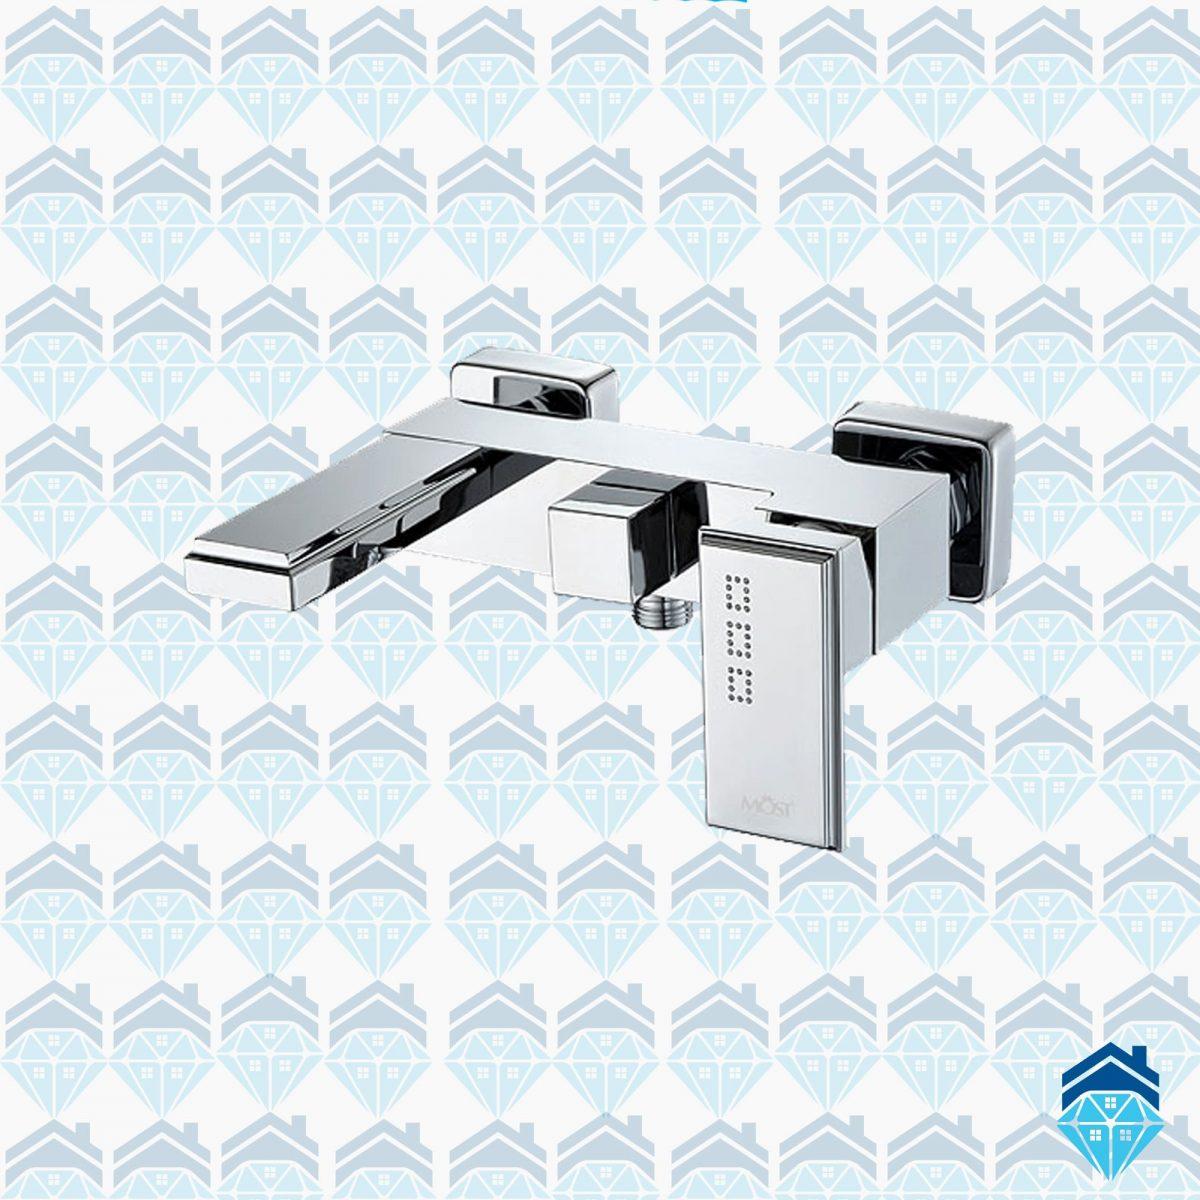 شیر حمام (دوش) موست مدل اتریش کروم